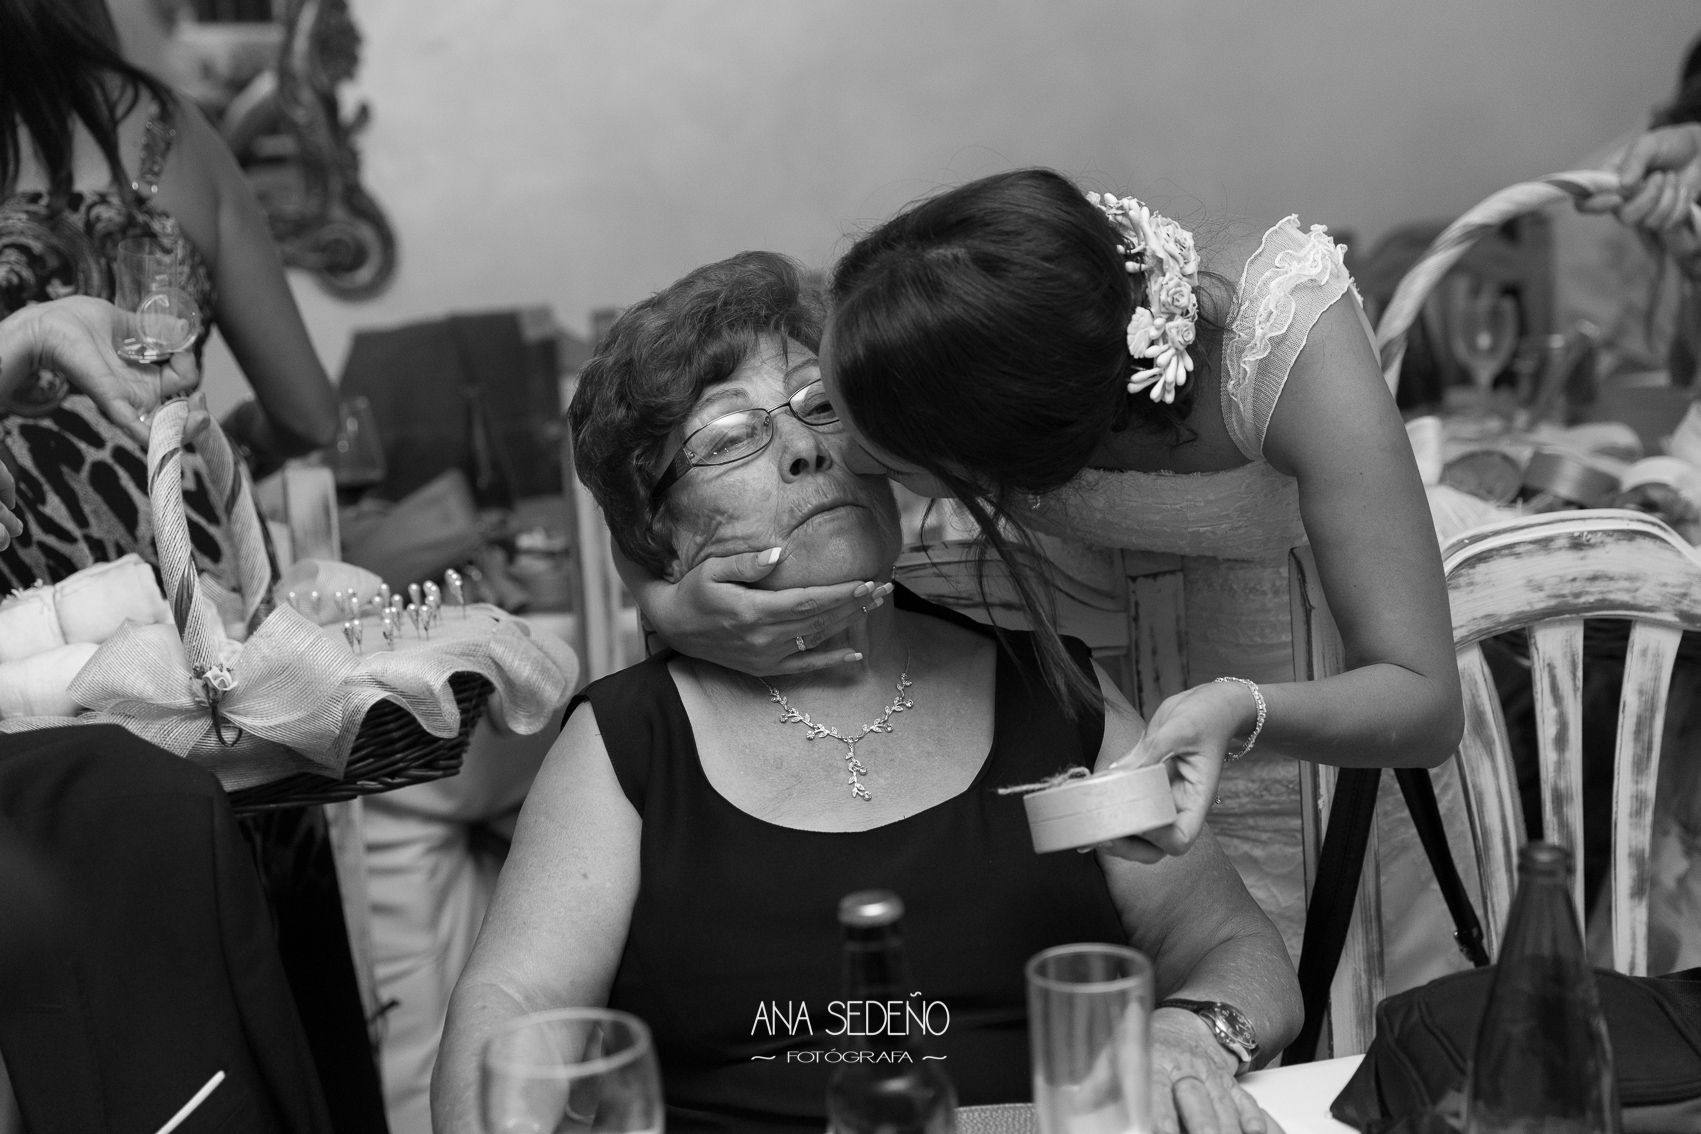 Ana Sedeño Fotografa.-BL & B-1619